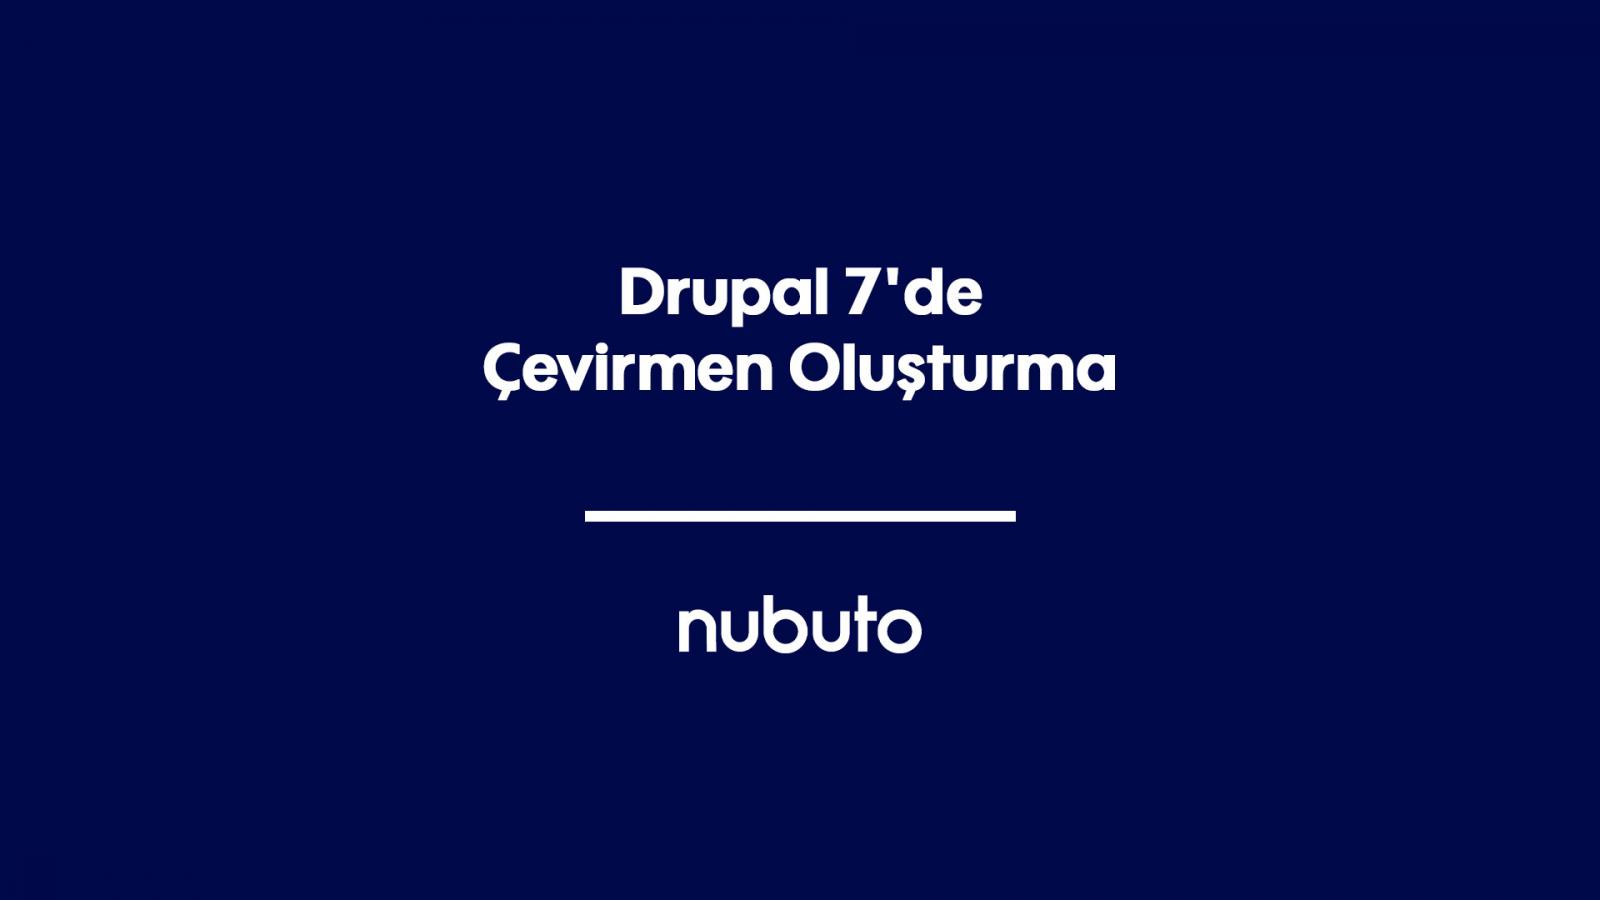 Drupal 7'de Çevirmen Oluşturma